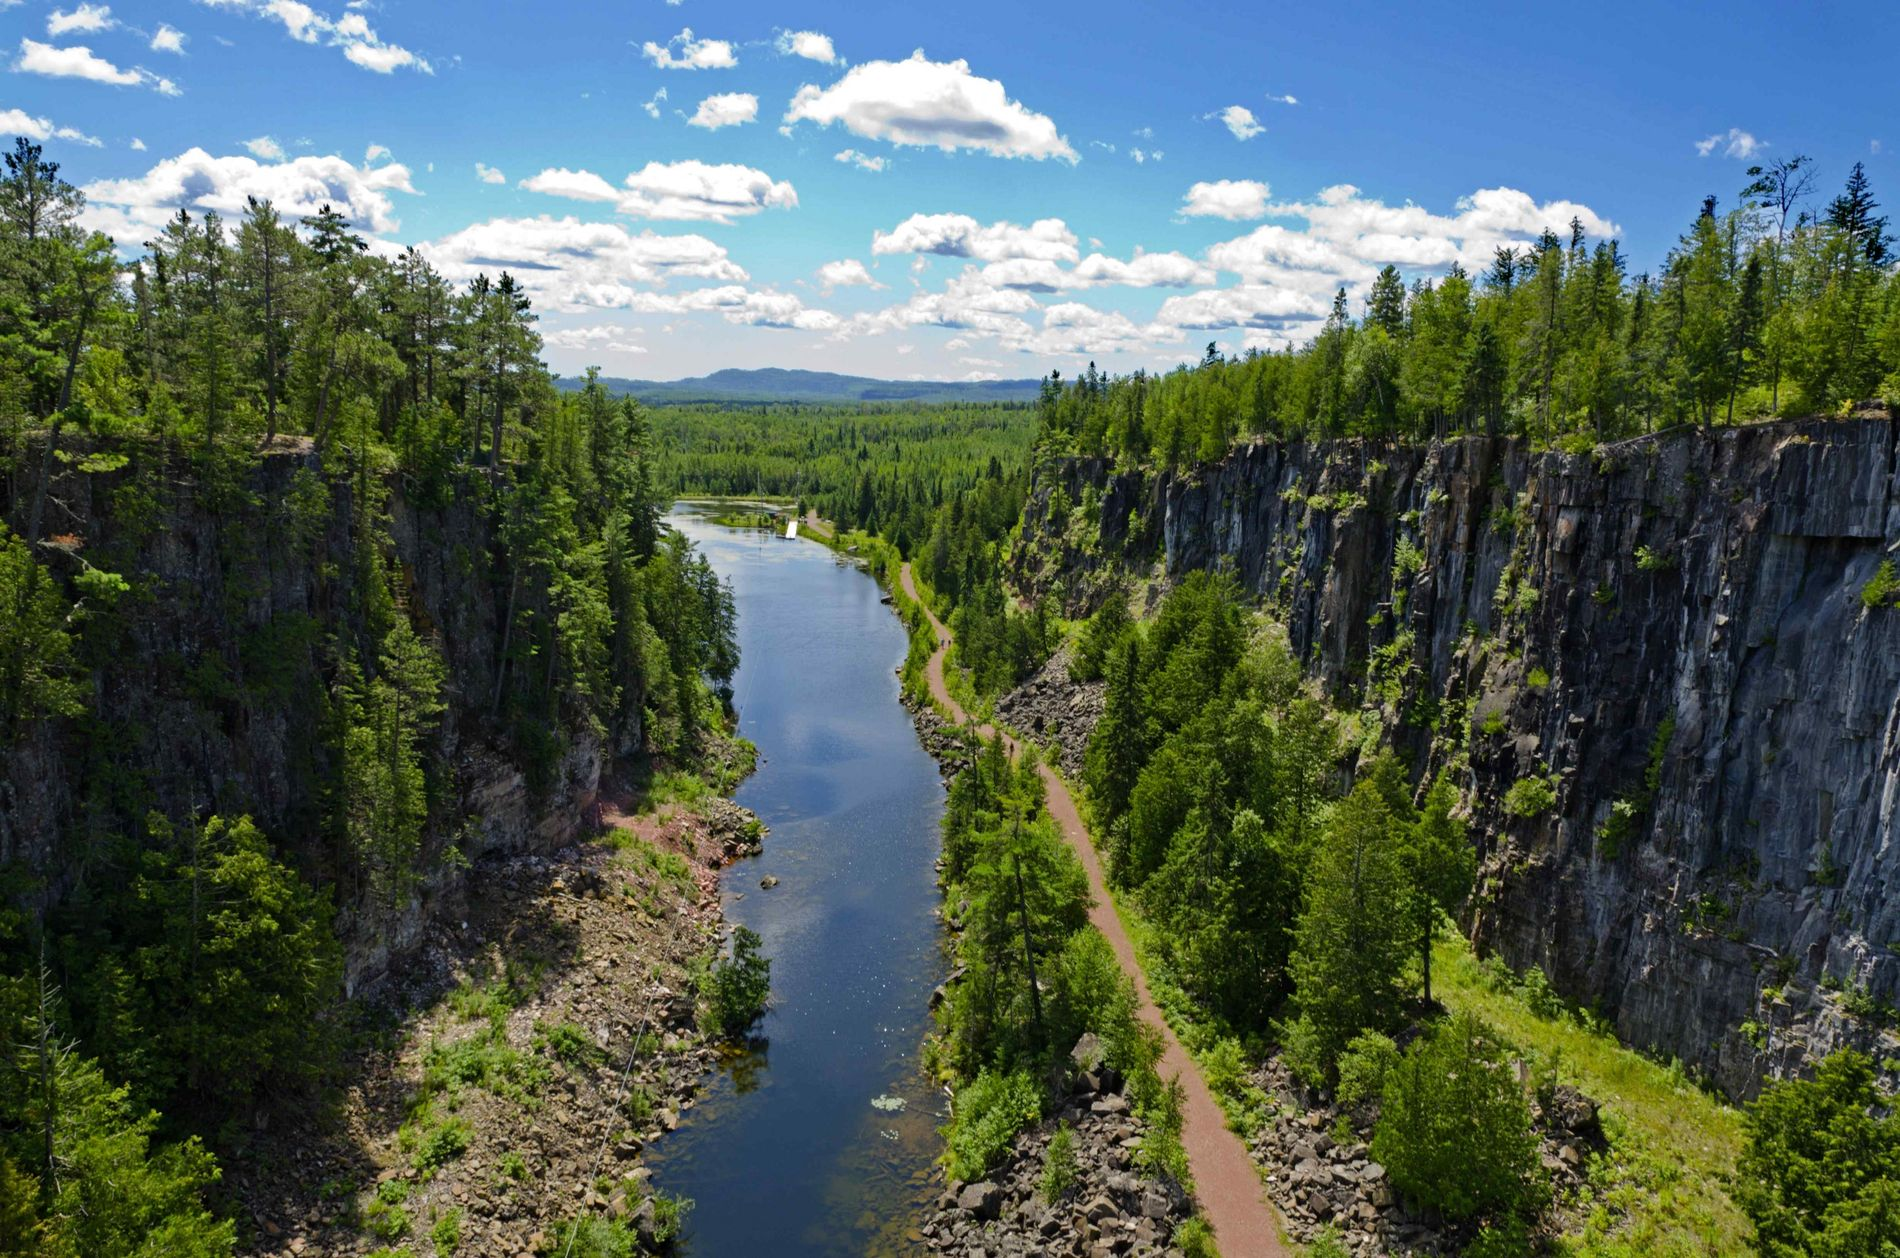 View of a canyon near Thunder Bay, north of Lake Superior.